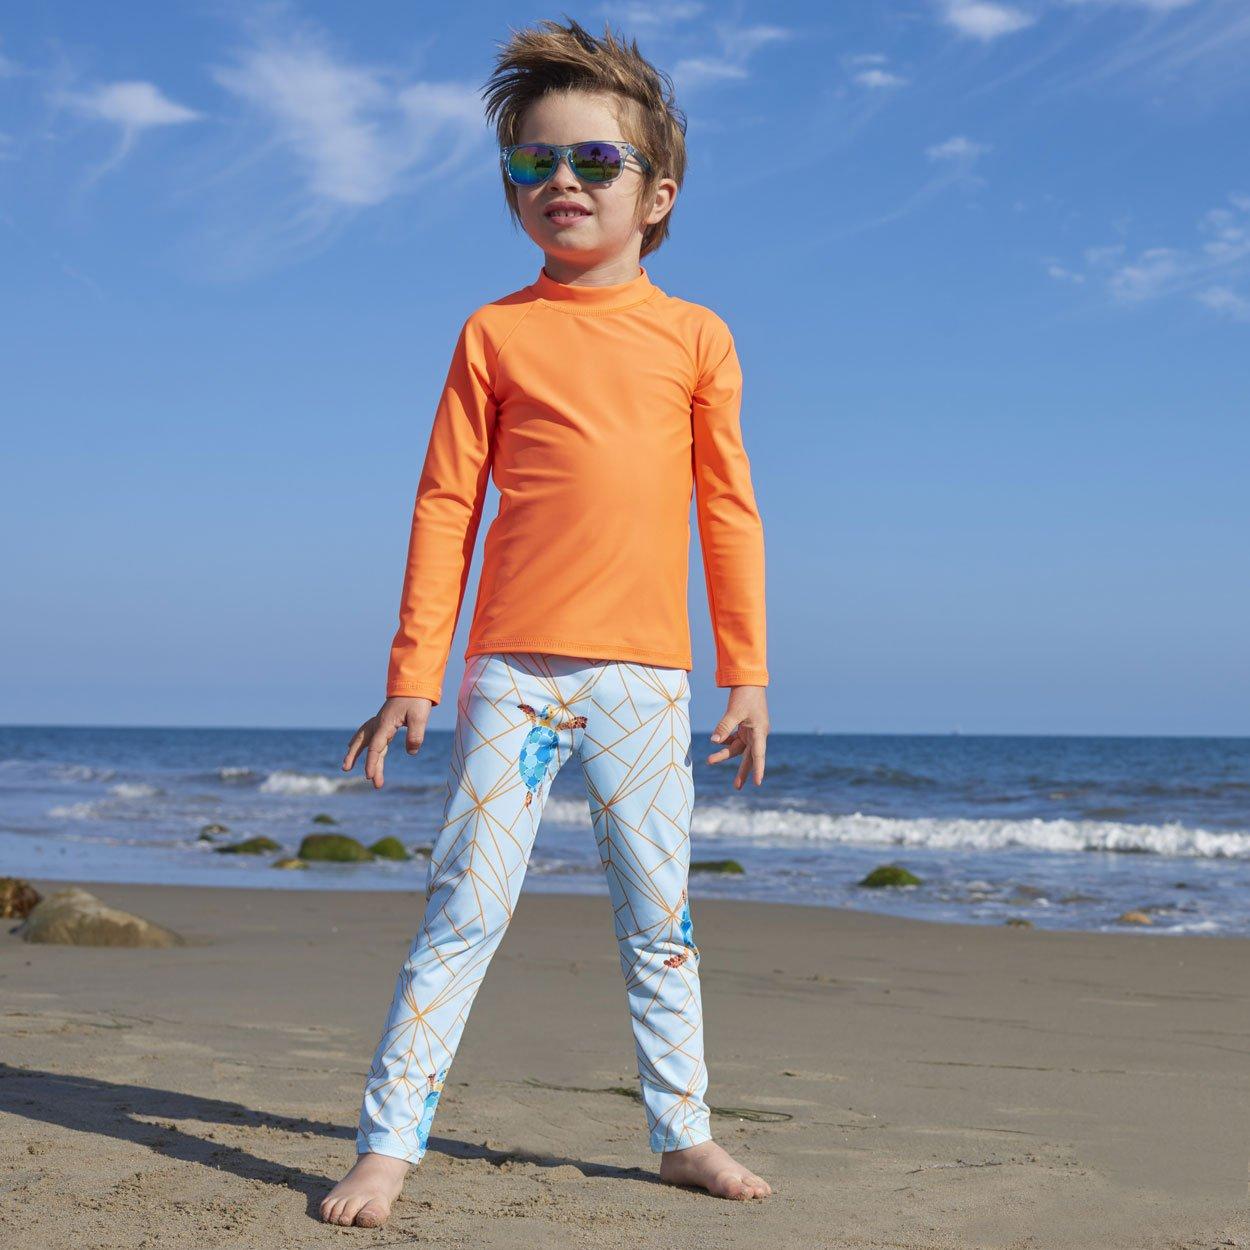 Turtle Hybrid Youth Leggings UPF 50+ for Boys